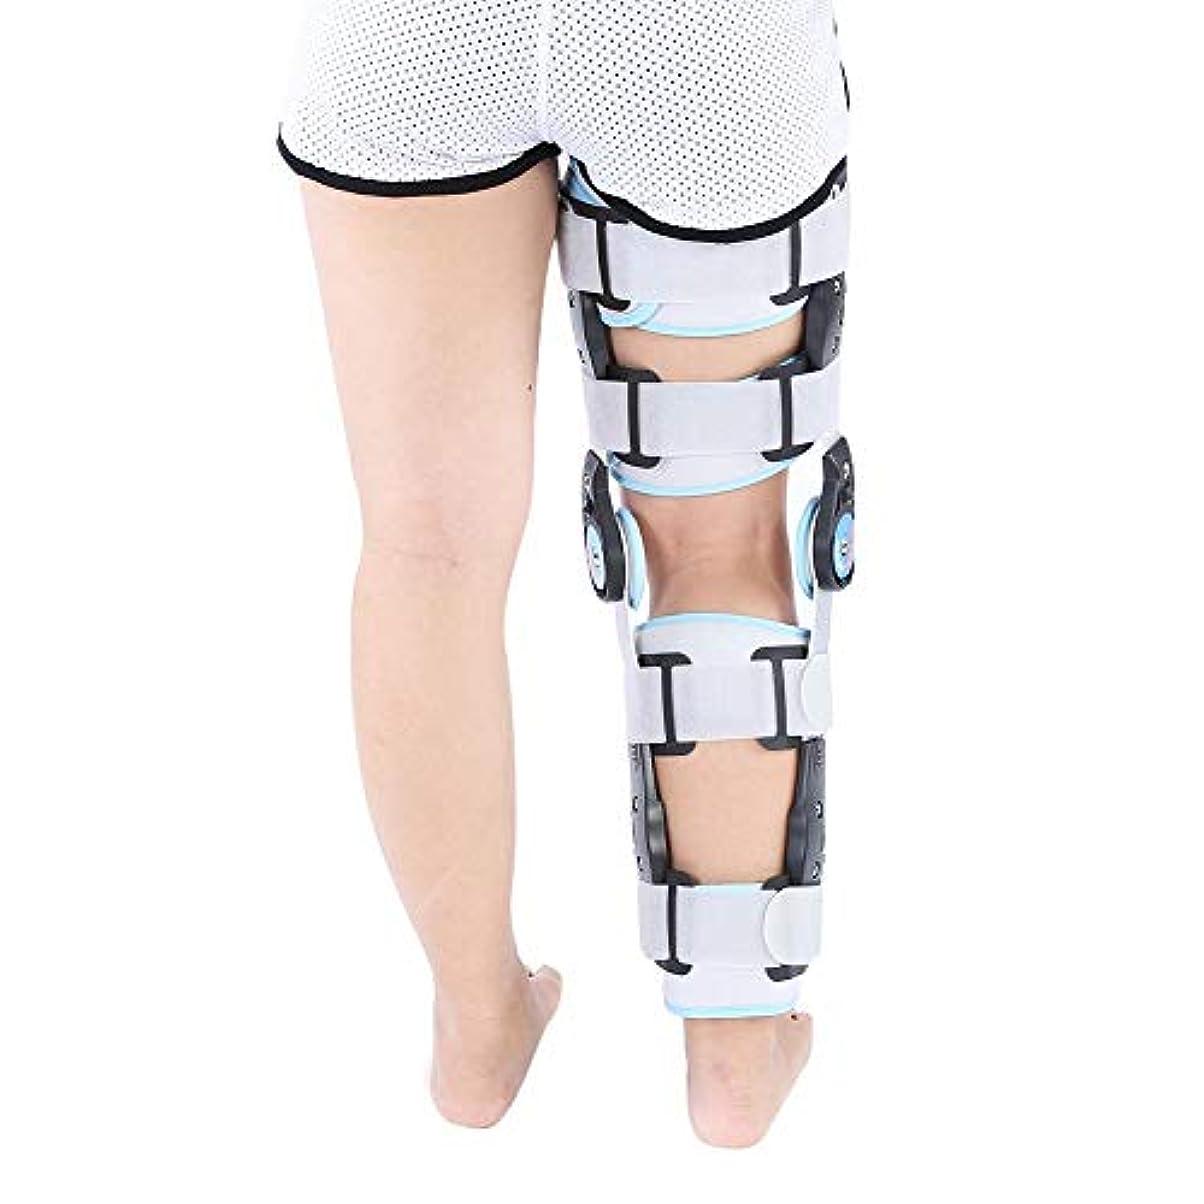 貢献する狐ばか膝装具固定、ヒンジ付き調整可能な固定安定化骨折サポート